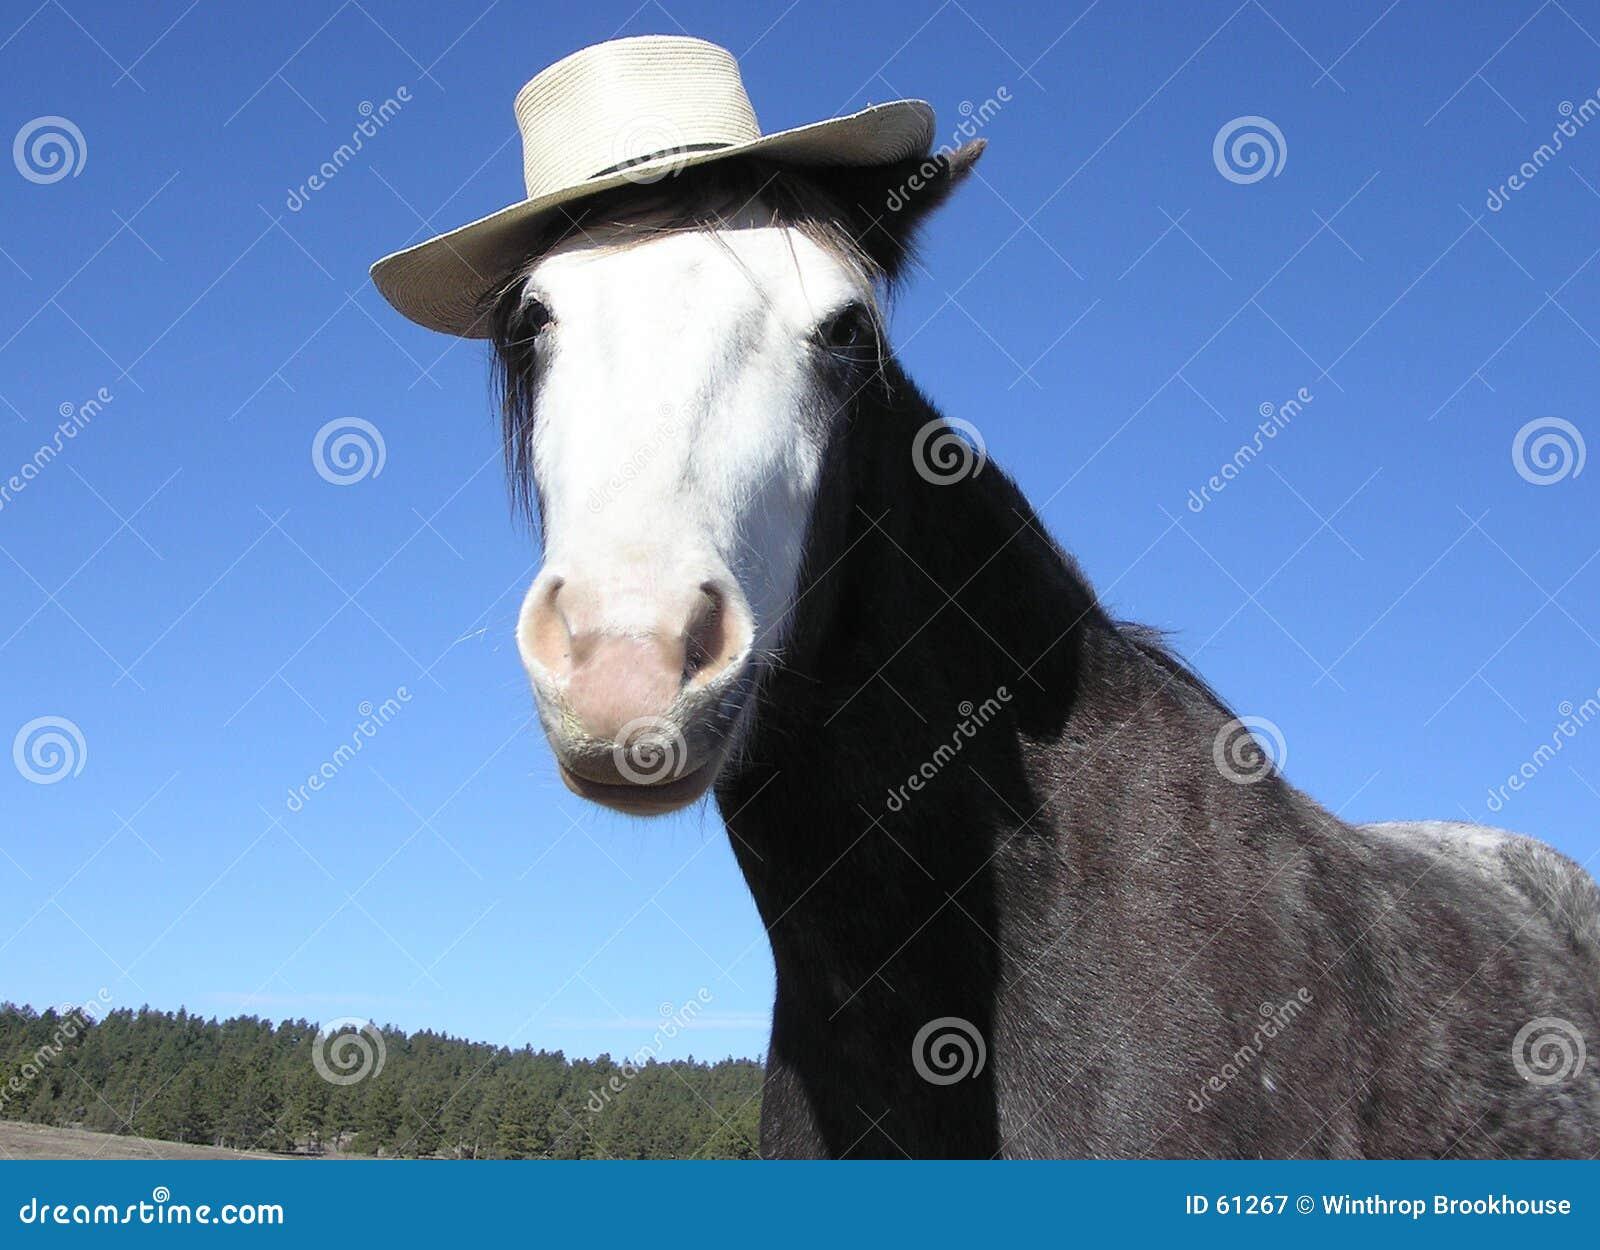 Cheval avec le chapeau